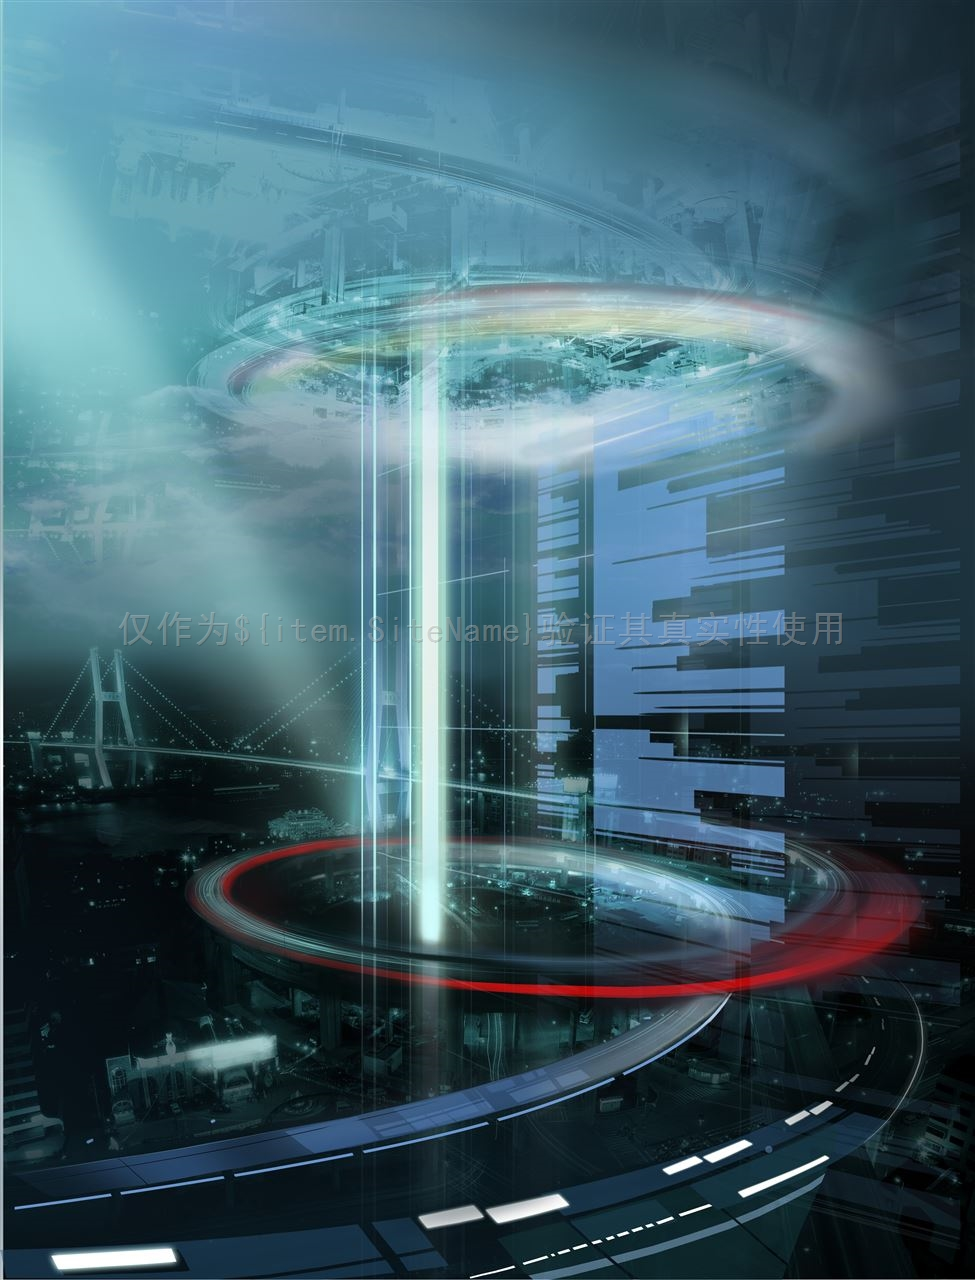 超恩科技登场2018年第20届中国国际工业博览会